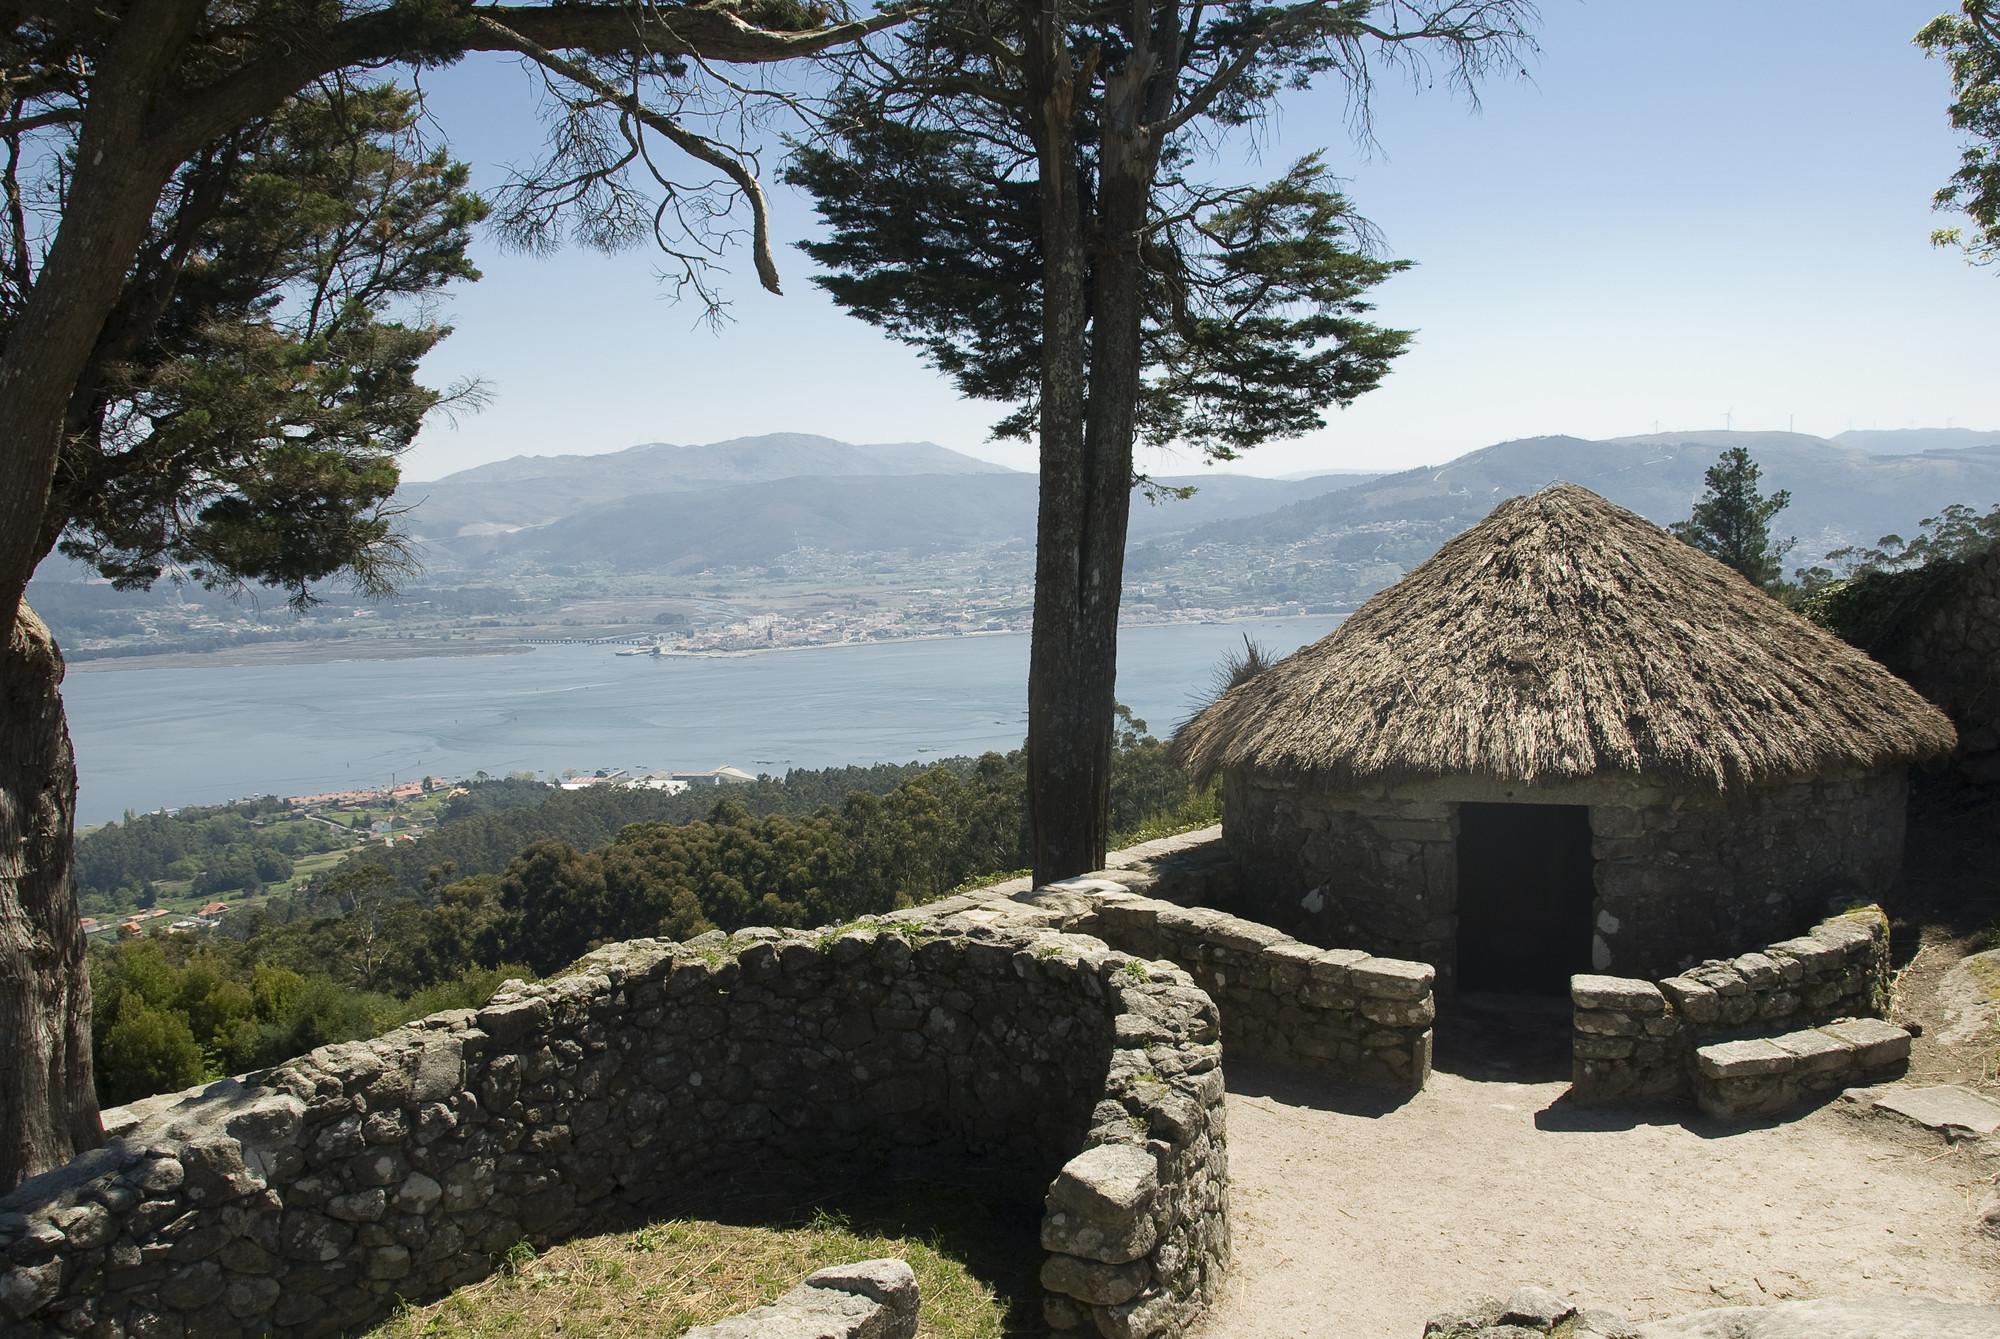 Monte Santa Tecla. Fuente Oficina de Turismo de Rías Baixas